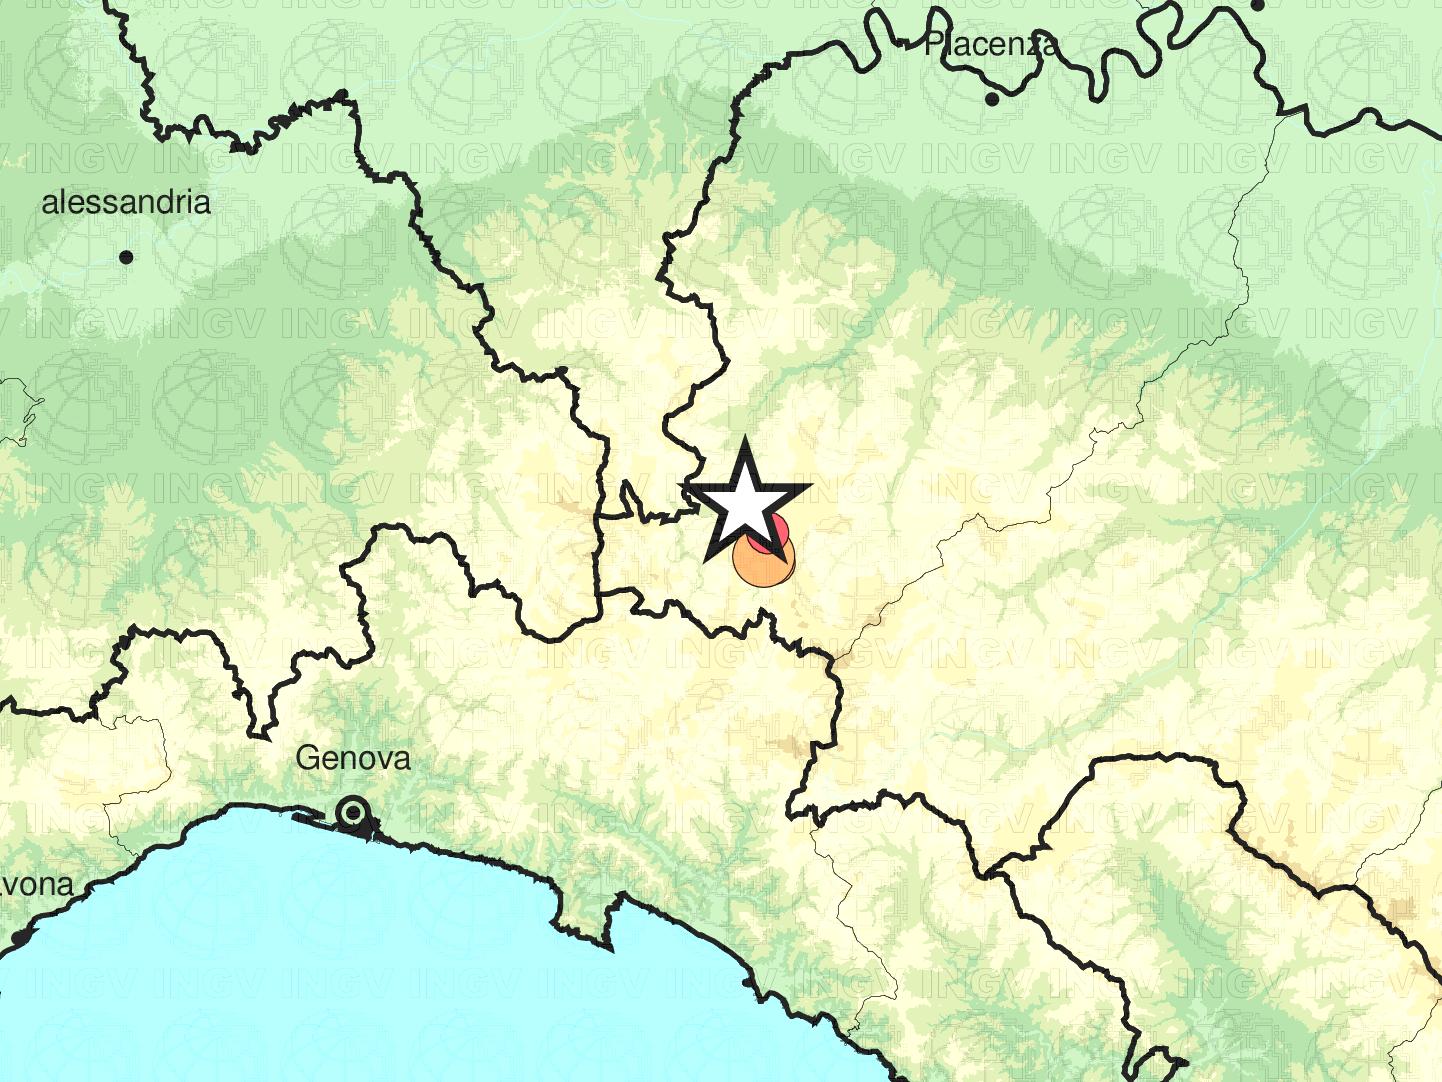 Terremoto di Magnitudo 4.2 in Provincia di Piacenza, altri eventi dopo quello di stamane